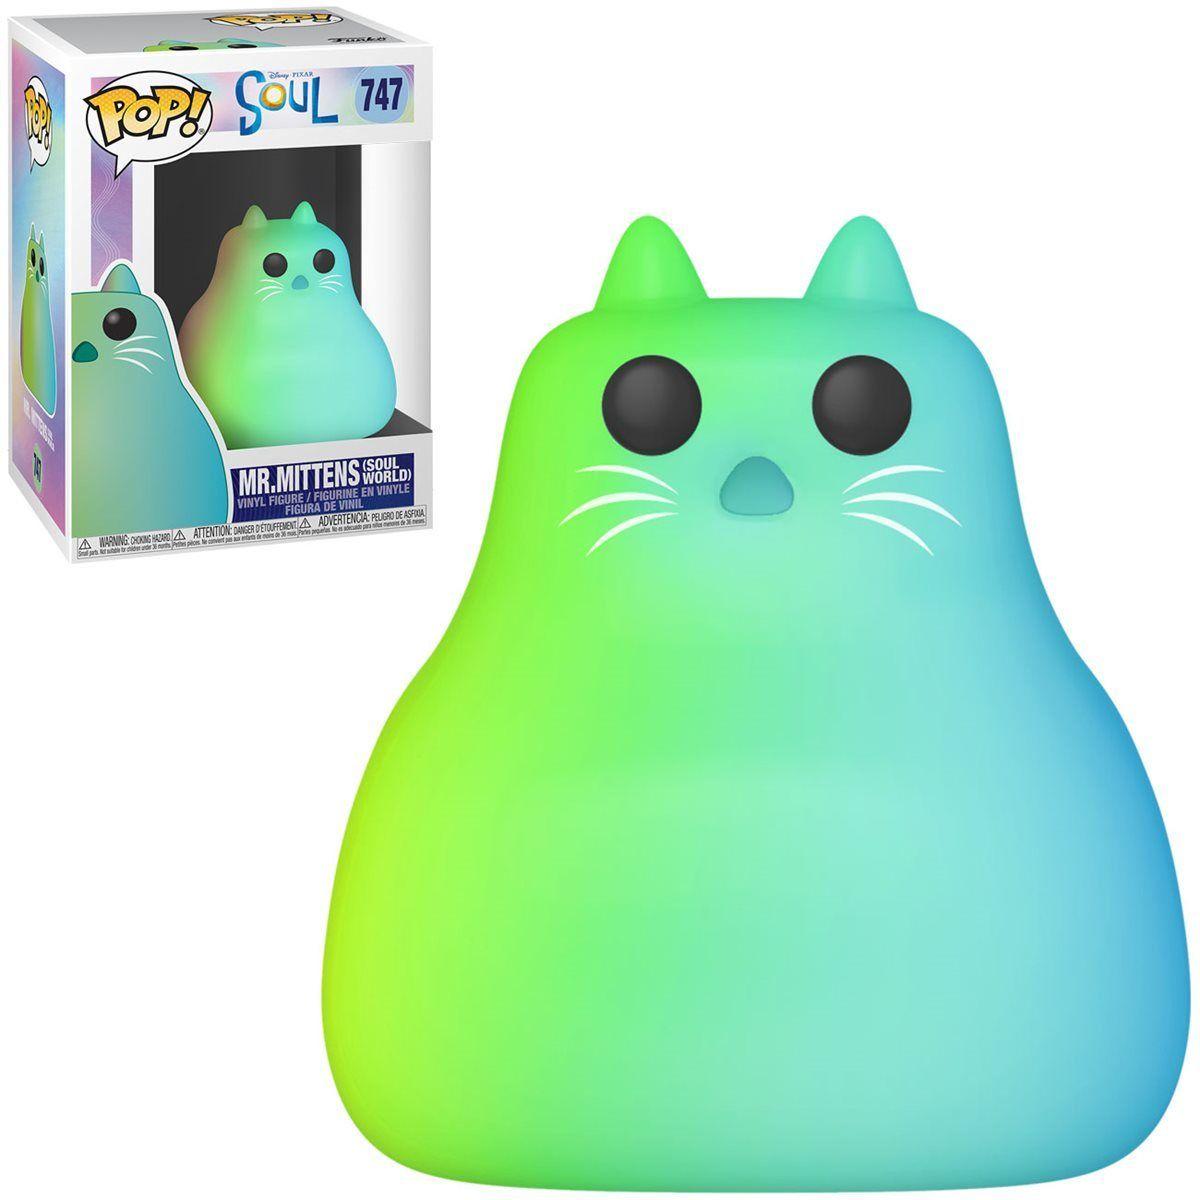 Distrito Max: Funko Pop! Mr. Mittens (Soul World) [SIN FECHA DE ENTREGA] y más Funkos a $154.50 c/u [LEER DESCRIPCIÓN]